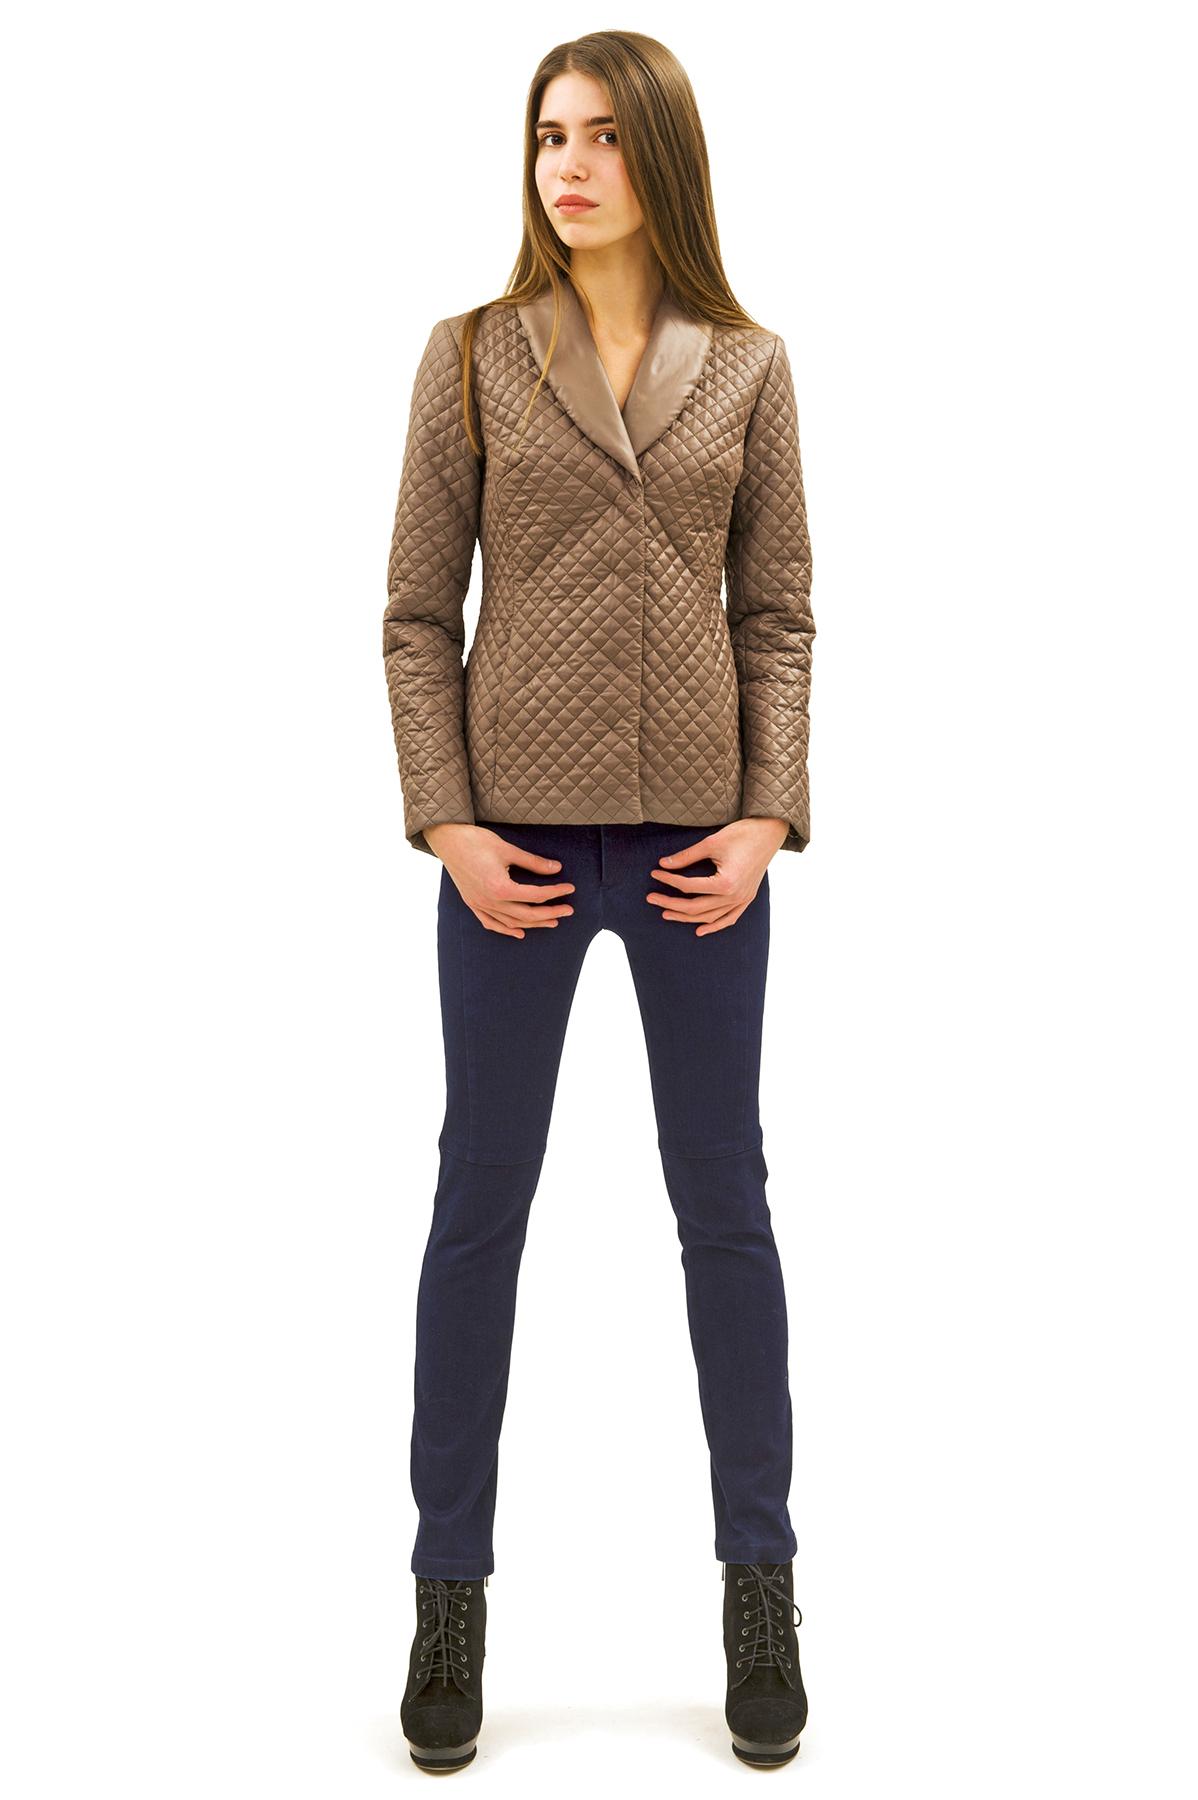 КурткаЖенские куртки, плащи, пальто<br>Стильная модель женской курткиспособна выделить Вас из общей толпы.Комфортный вариант на каждый день.<br><br>Цвет: коричневый<br>Состав: 100% полиэстер<br>Размер: 40,46,52<br>Страна дизайна: Россия<br>Страна производства: Россия